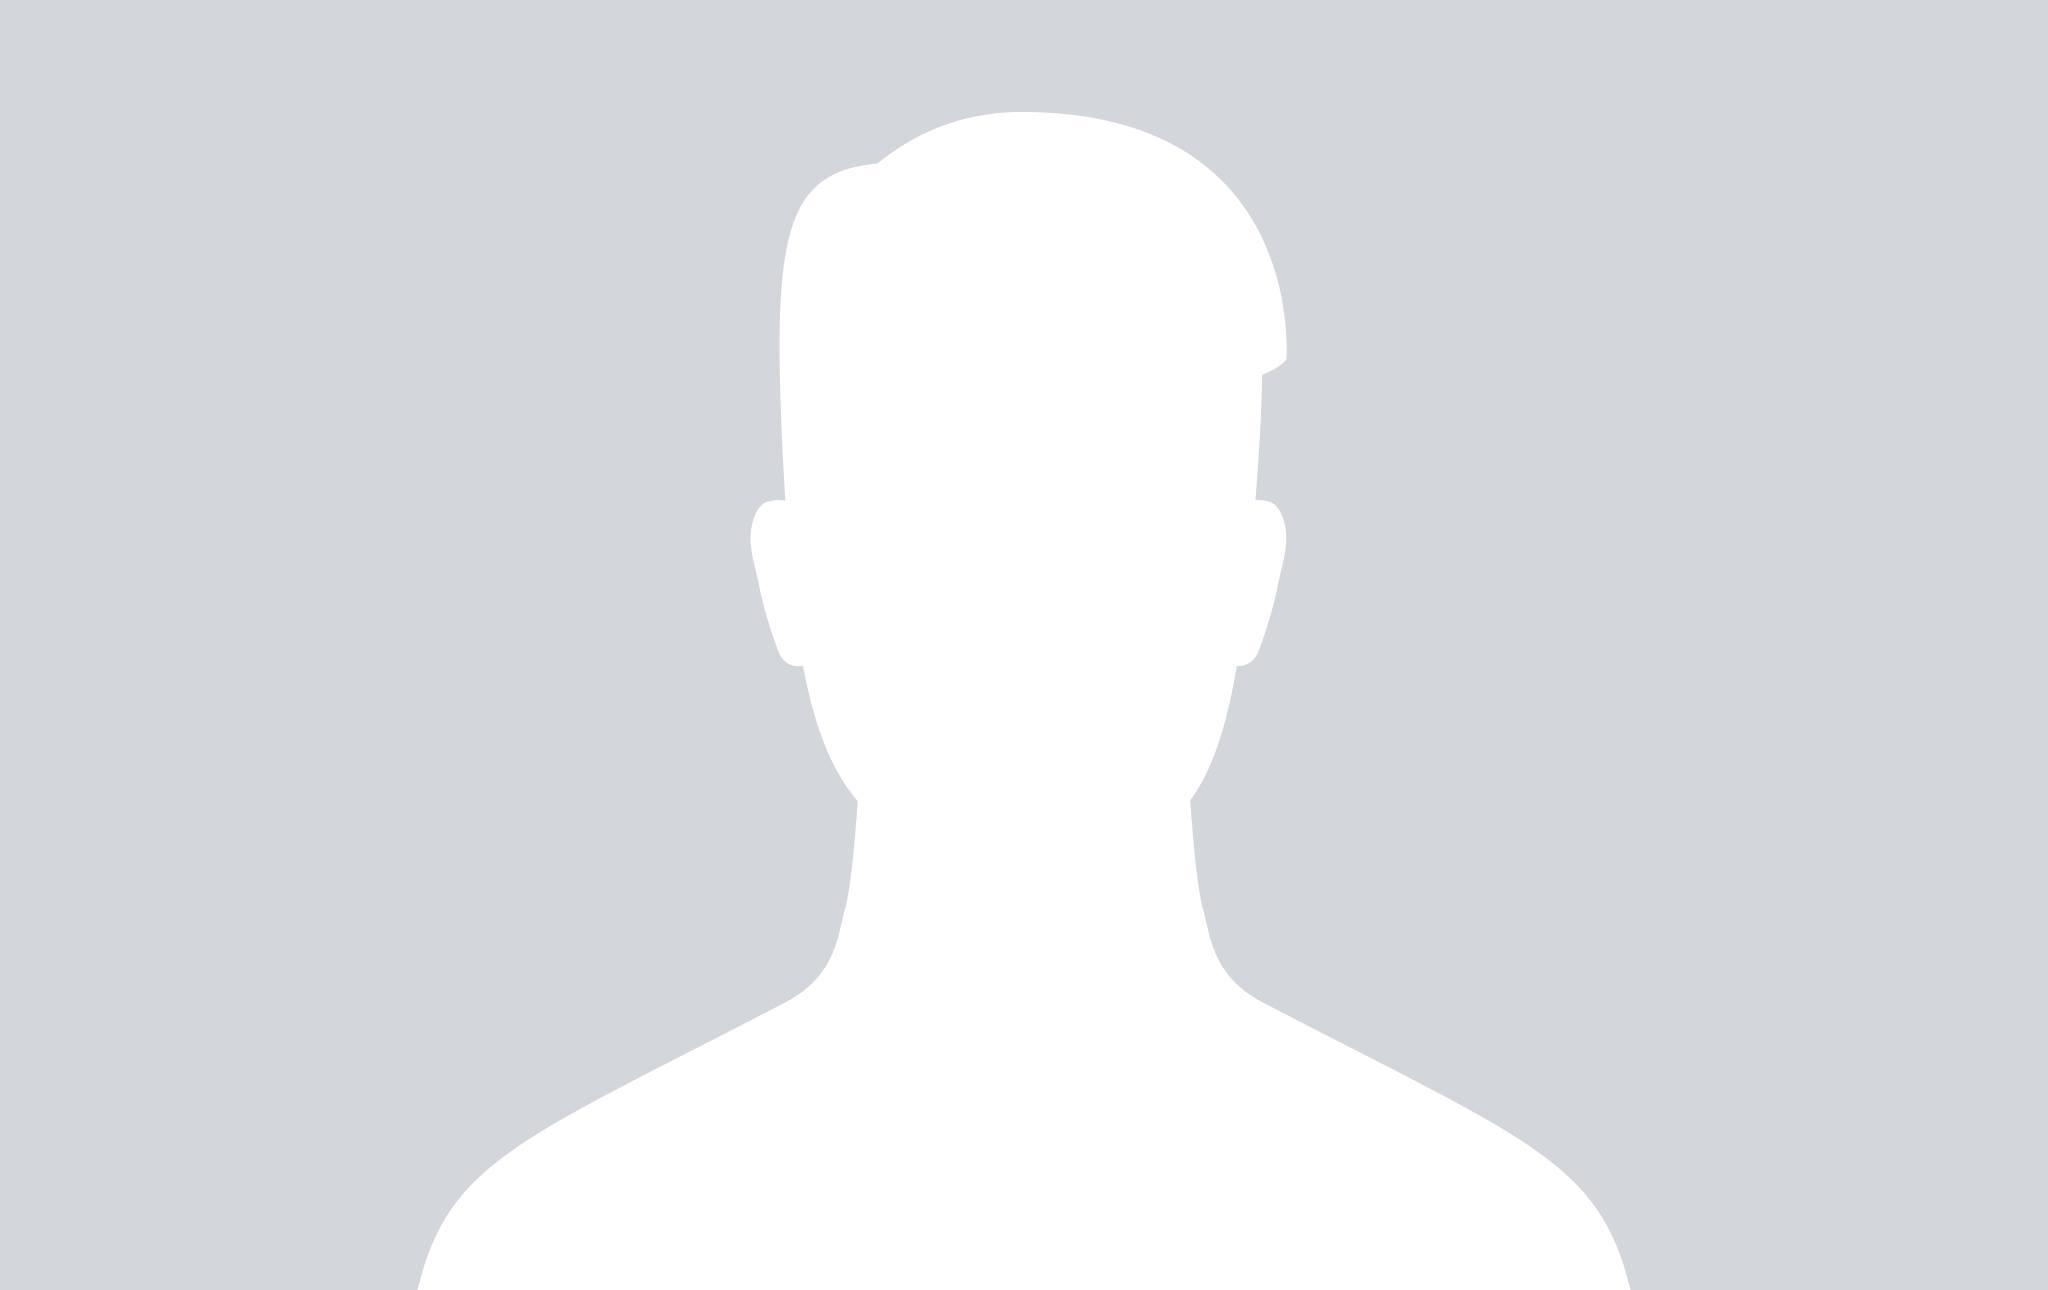 https://d2yht872mhrlra.cloudfront.net/user/132947/user_132947.jpg